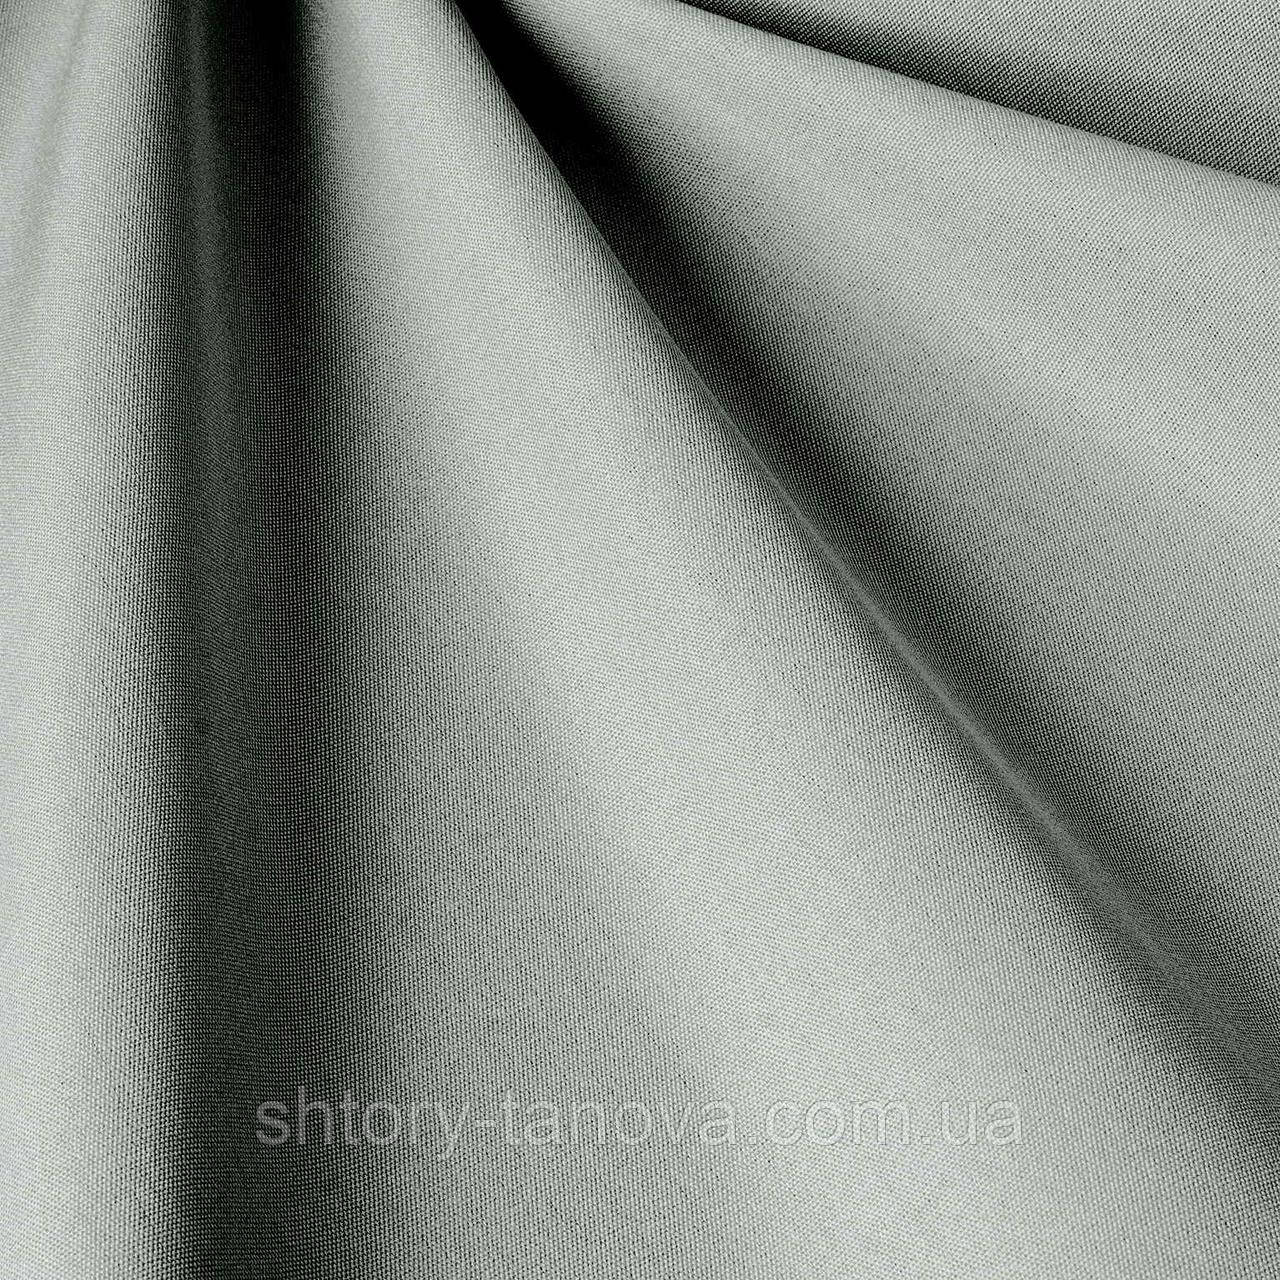 Однотонная уличная ткань светло-серого цвета